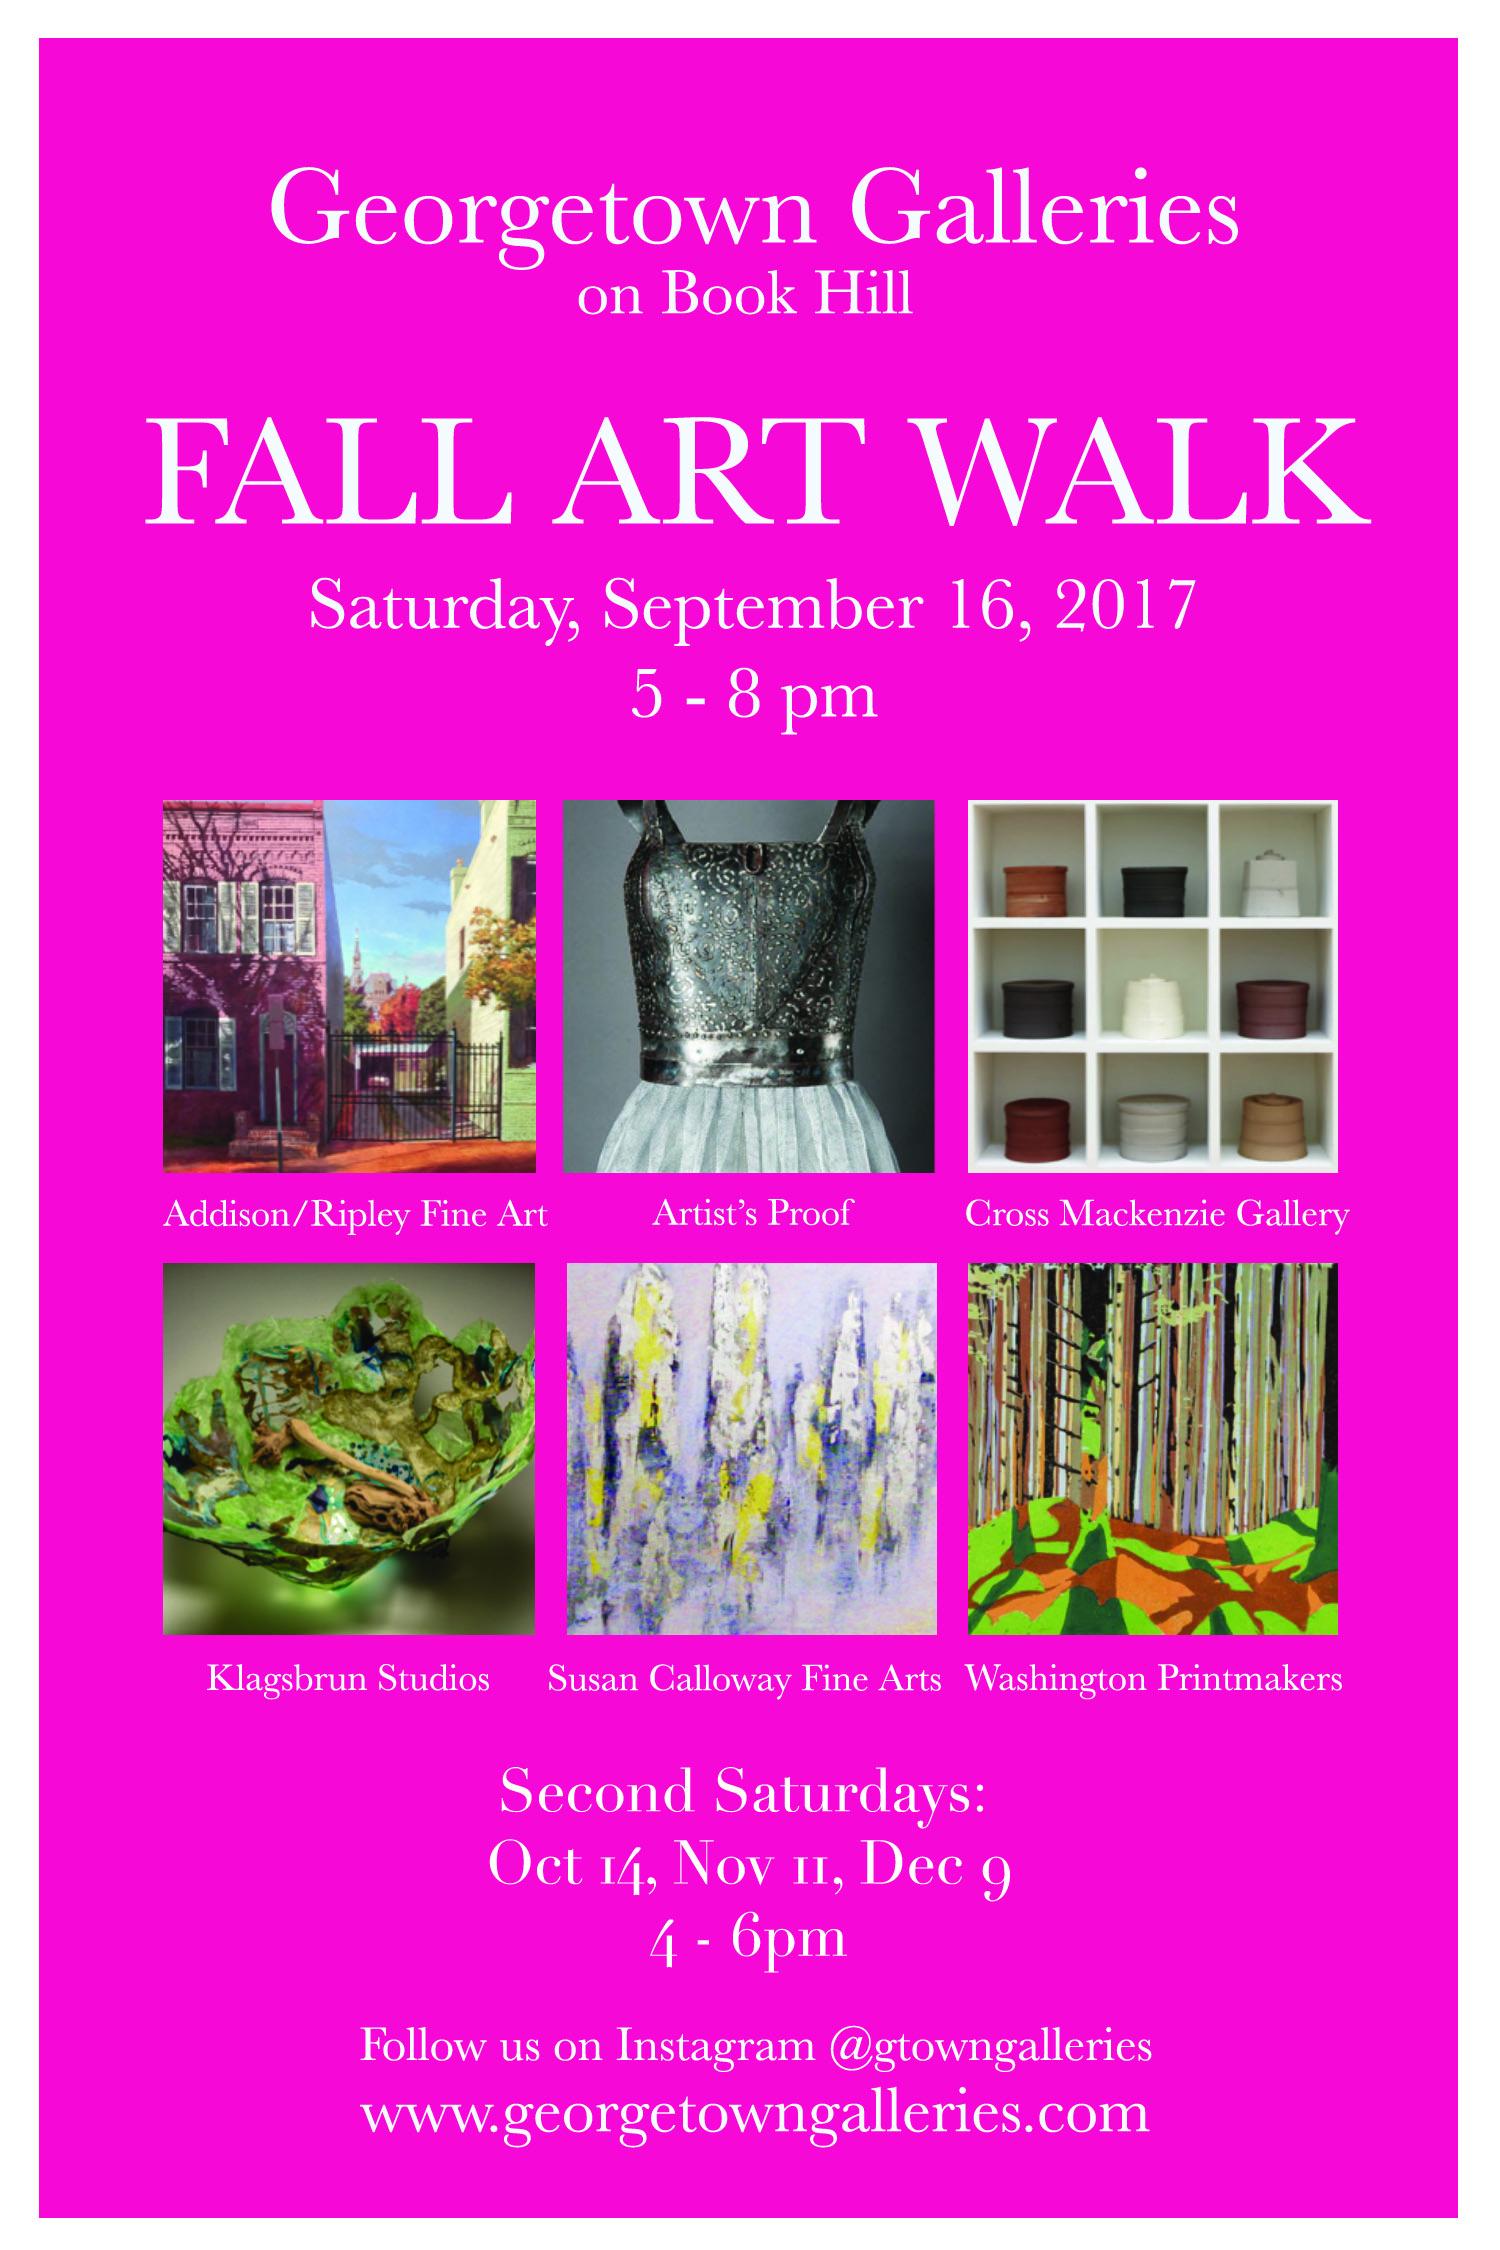 Galleries of Book Hill: Fall Art Walk: September 16, 5-8pm